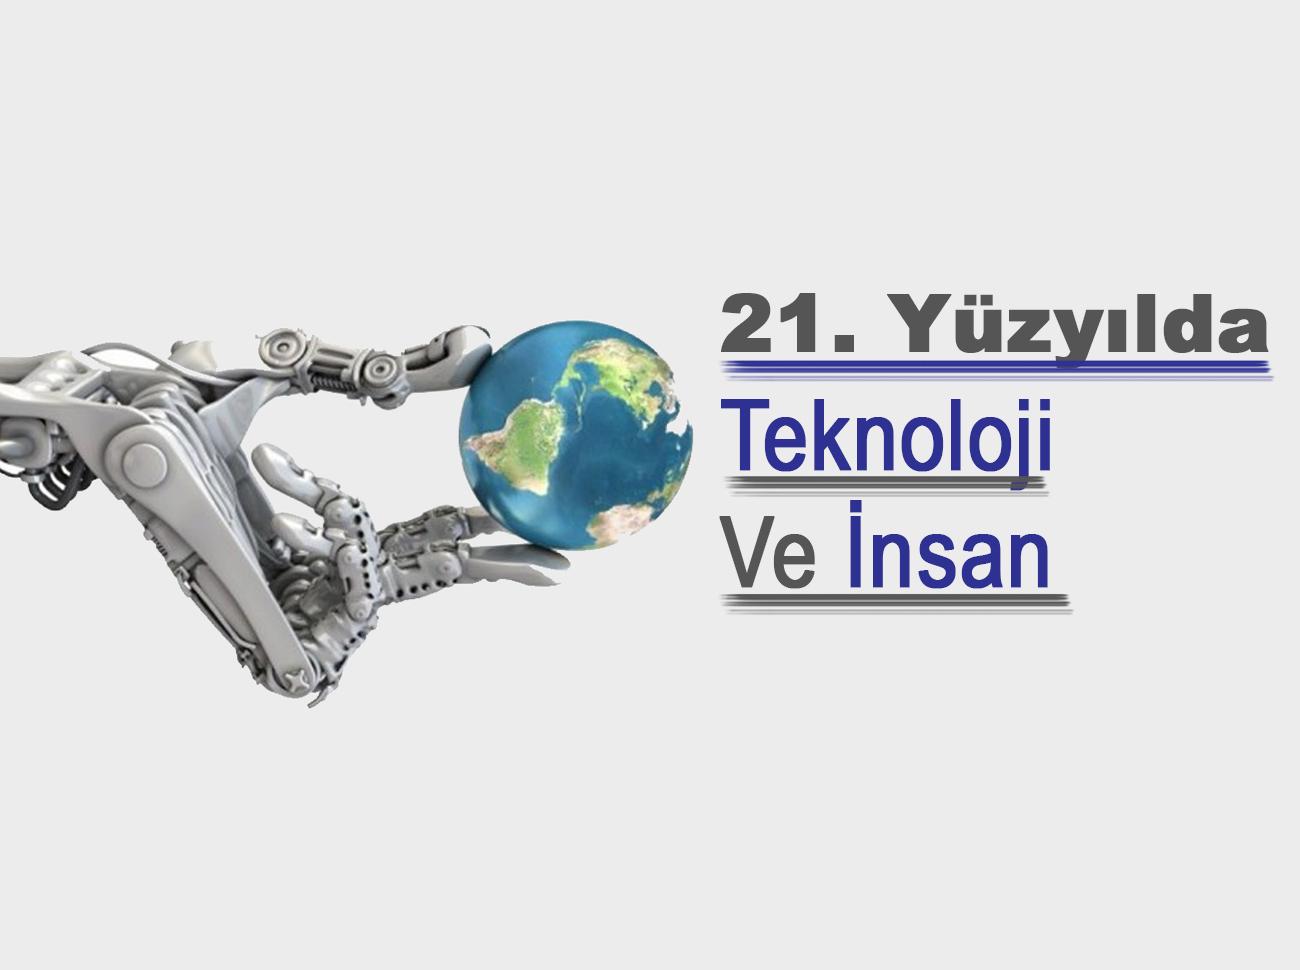 21. Yüzyılda Teknoloji Ve İnsan